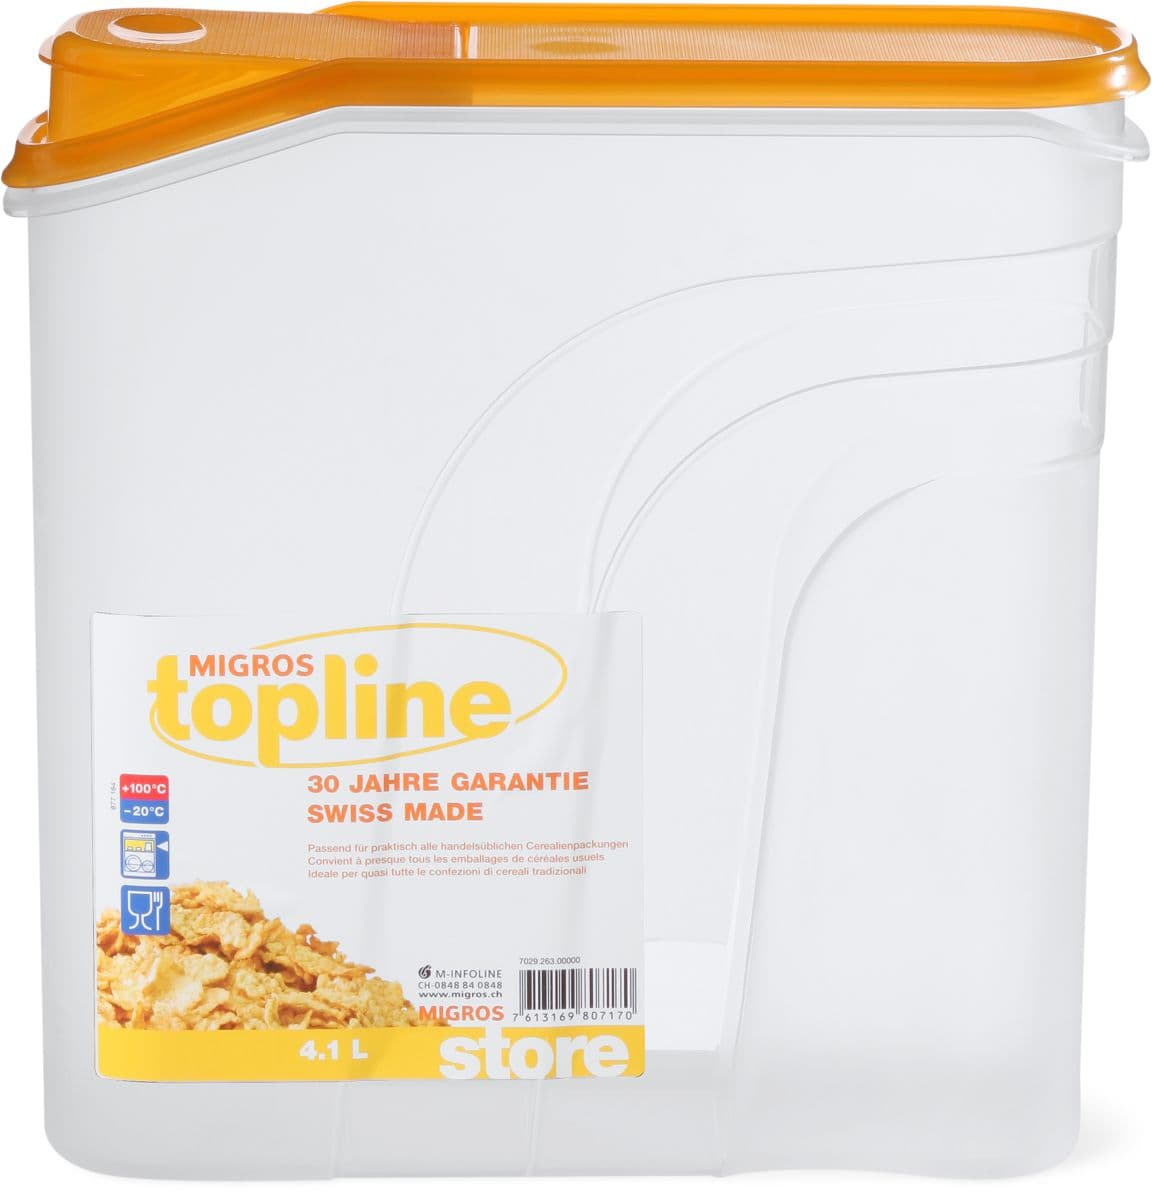 M-Topline M-TOPLINE Barattolo per dispensa